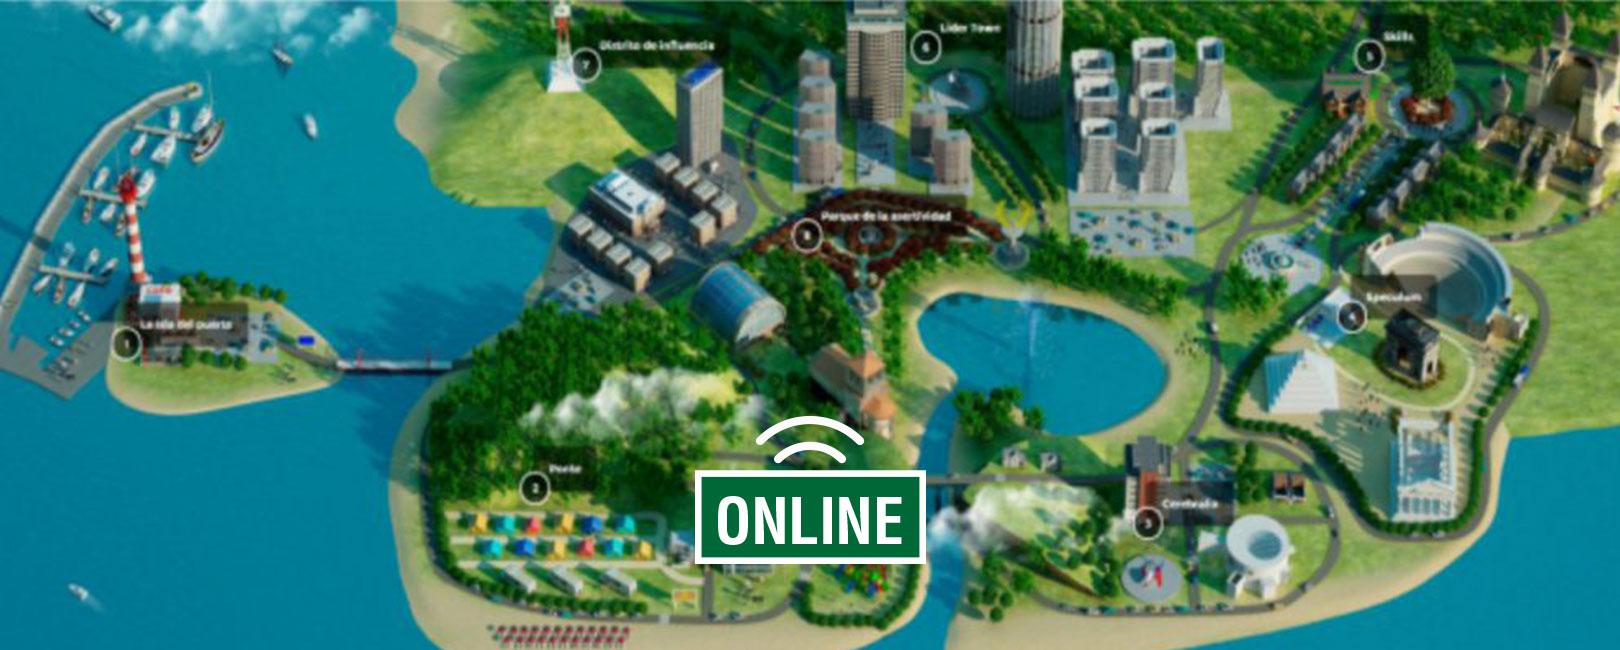 La ciudad de las emociones online